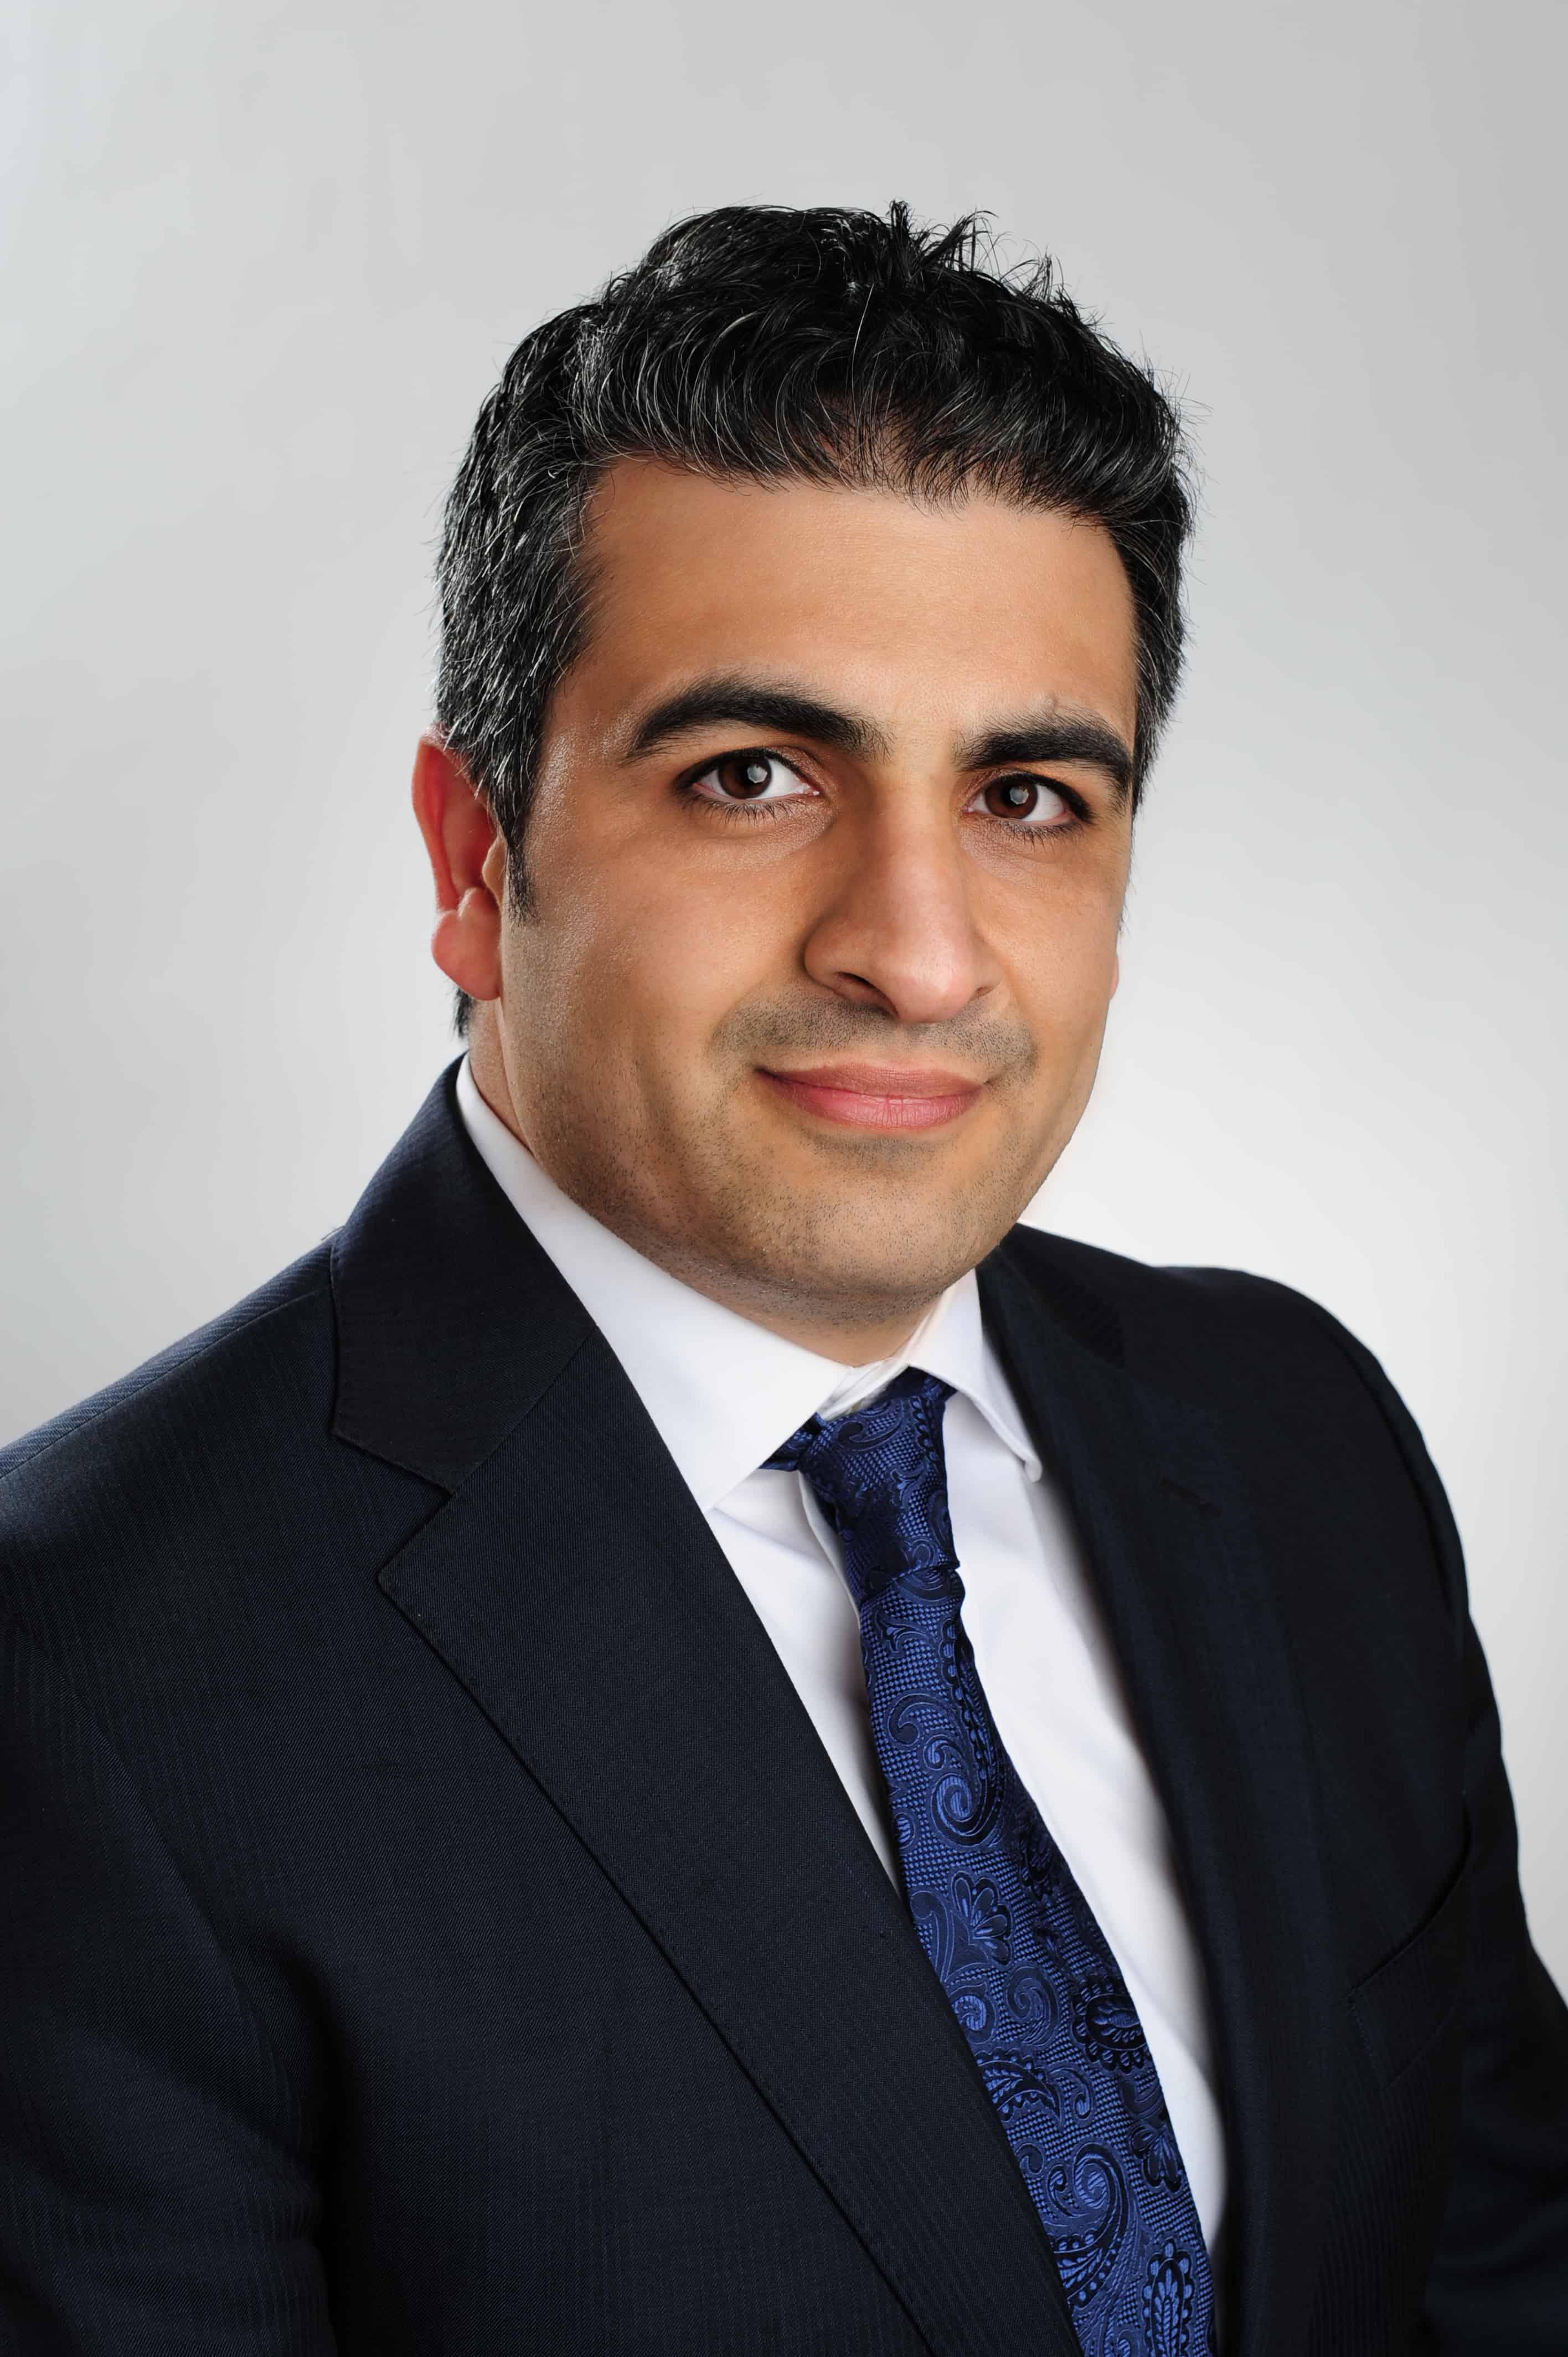 Dr. Mohammad Esmaili